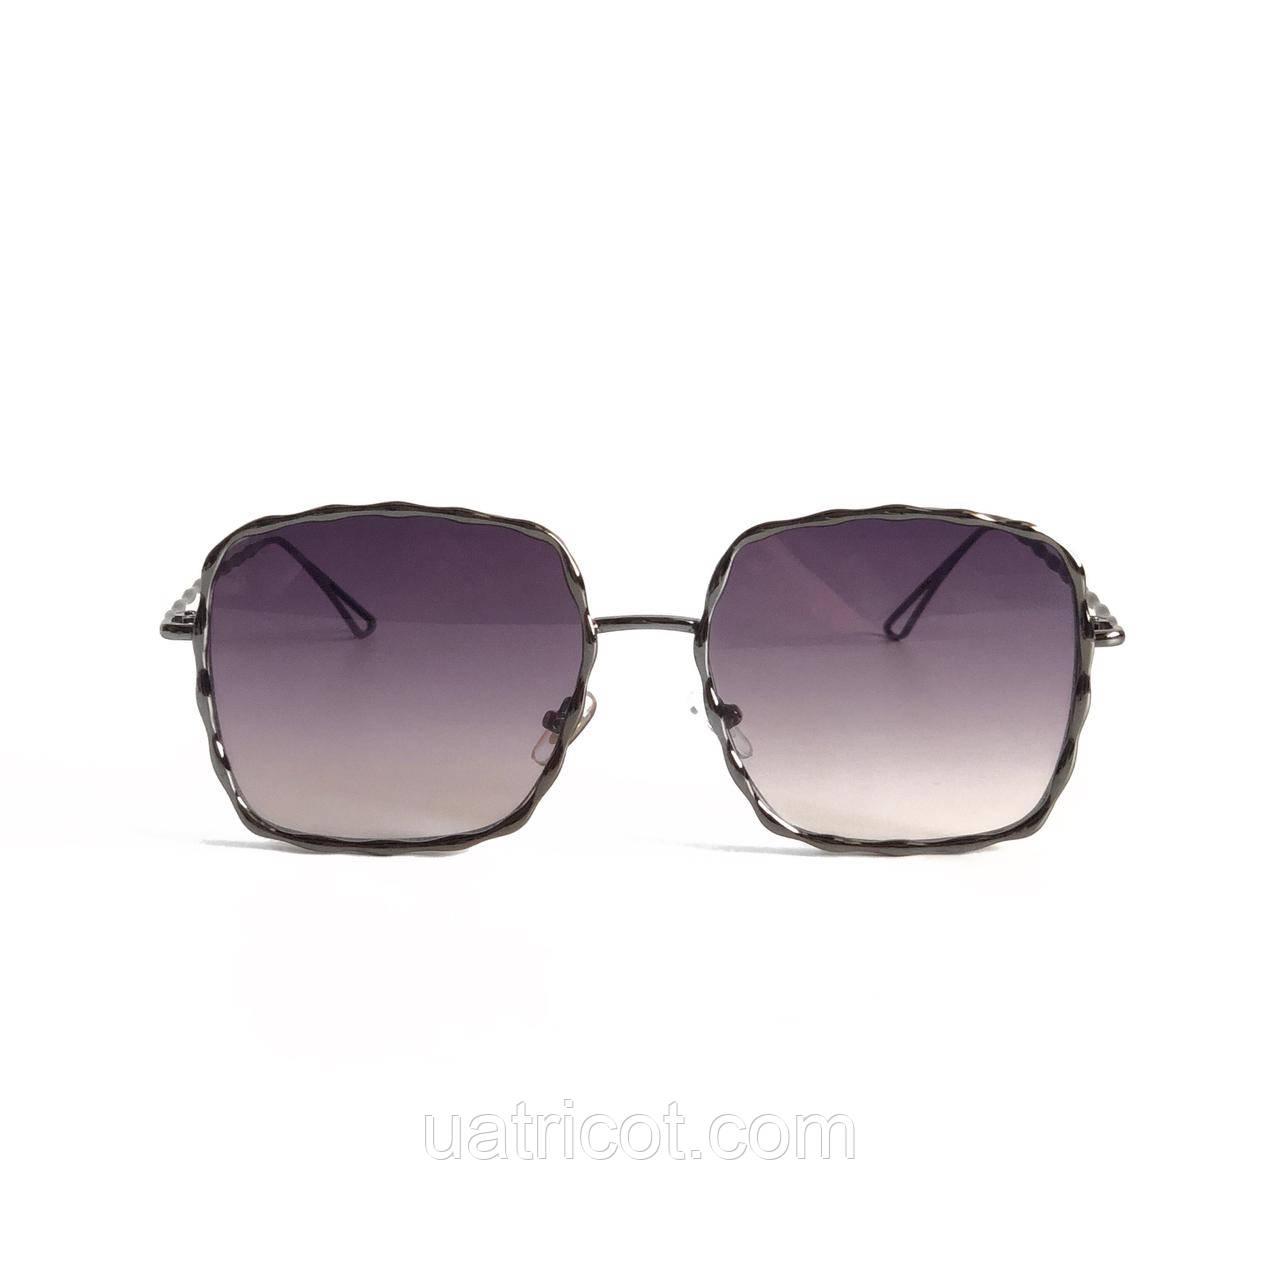 Женские квадратные солнцезащитные очки в металлическом плетении со смоки линзой